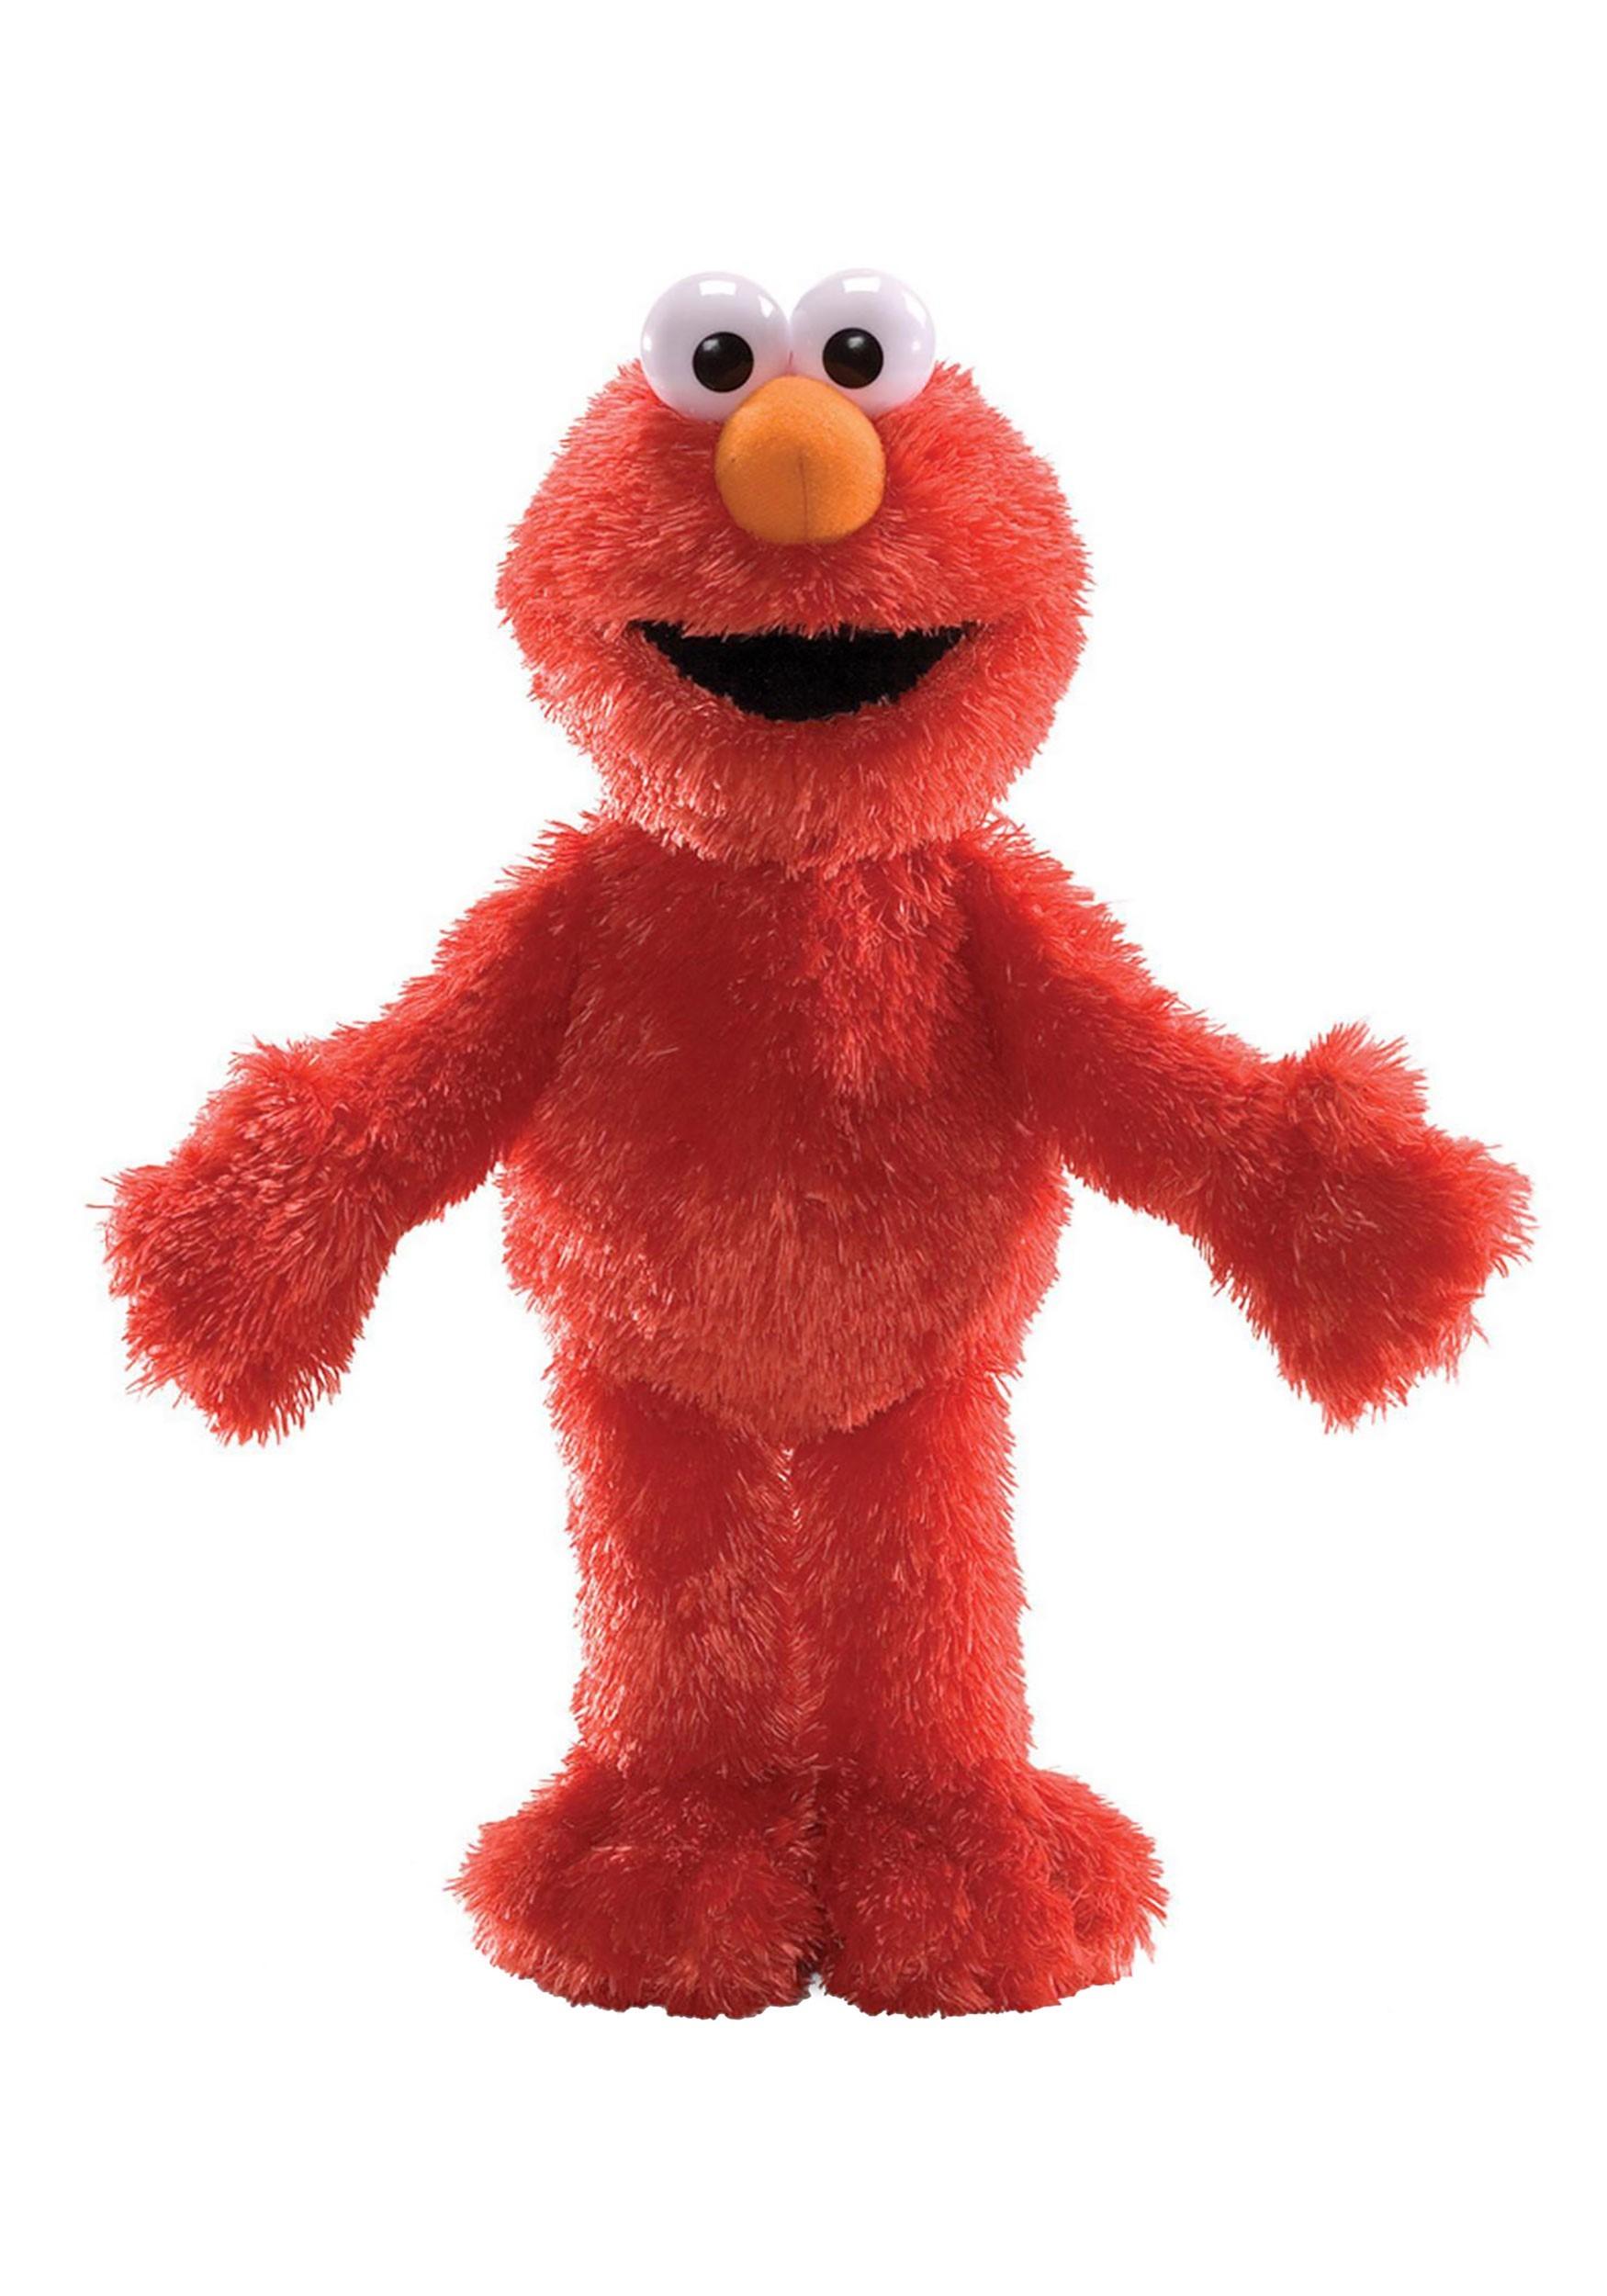 Plush Elmo toy